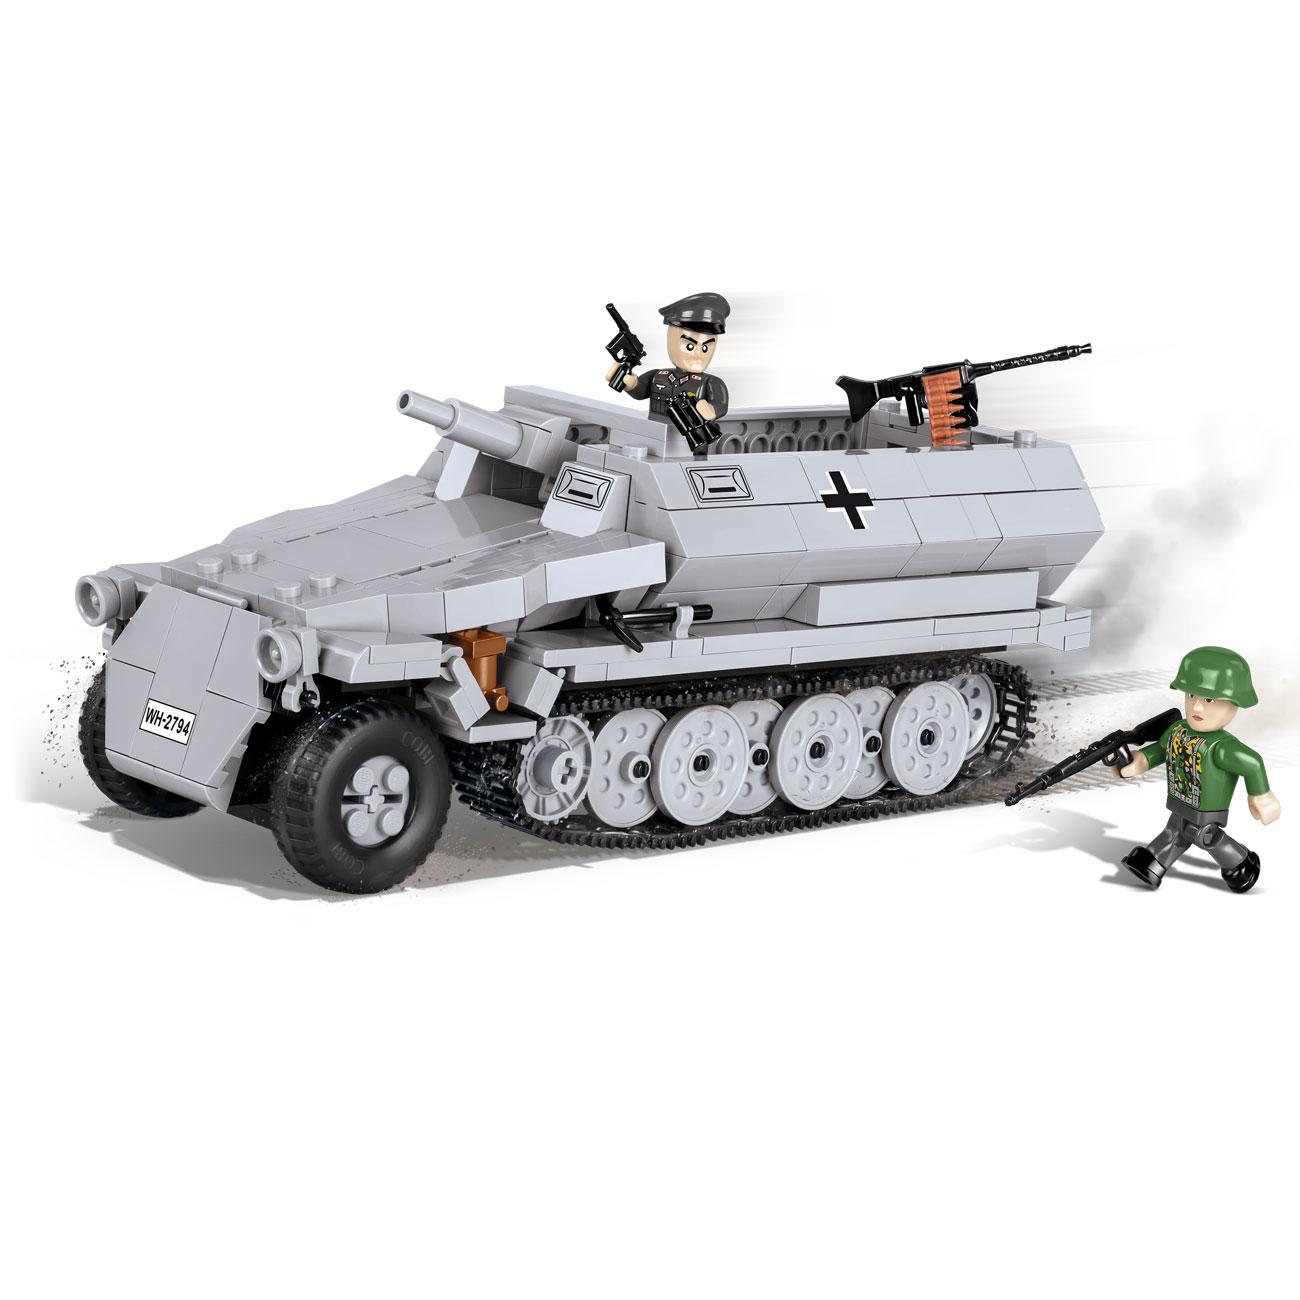 Cobi Small Army Bausatz Halbkettenfahrzeug Sd Kfz 2519 Ausf C